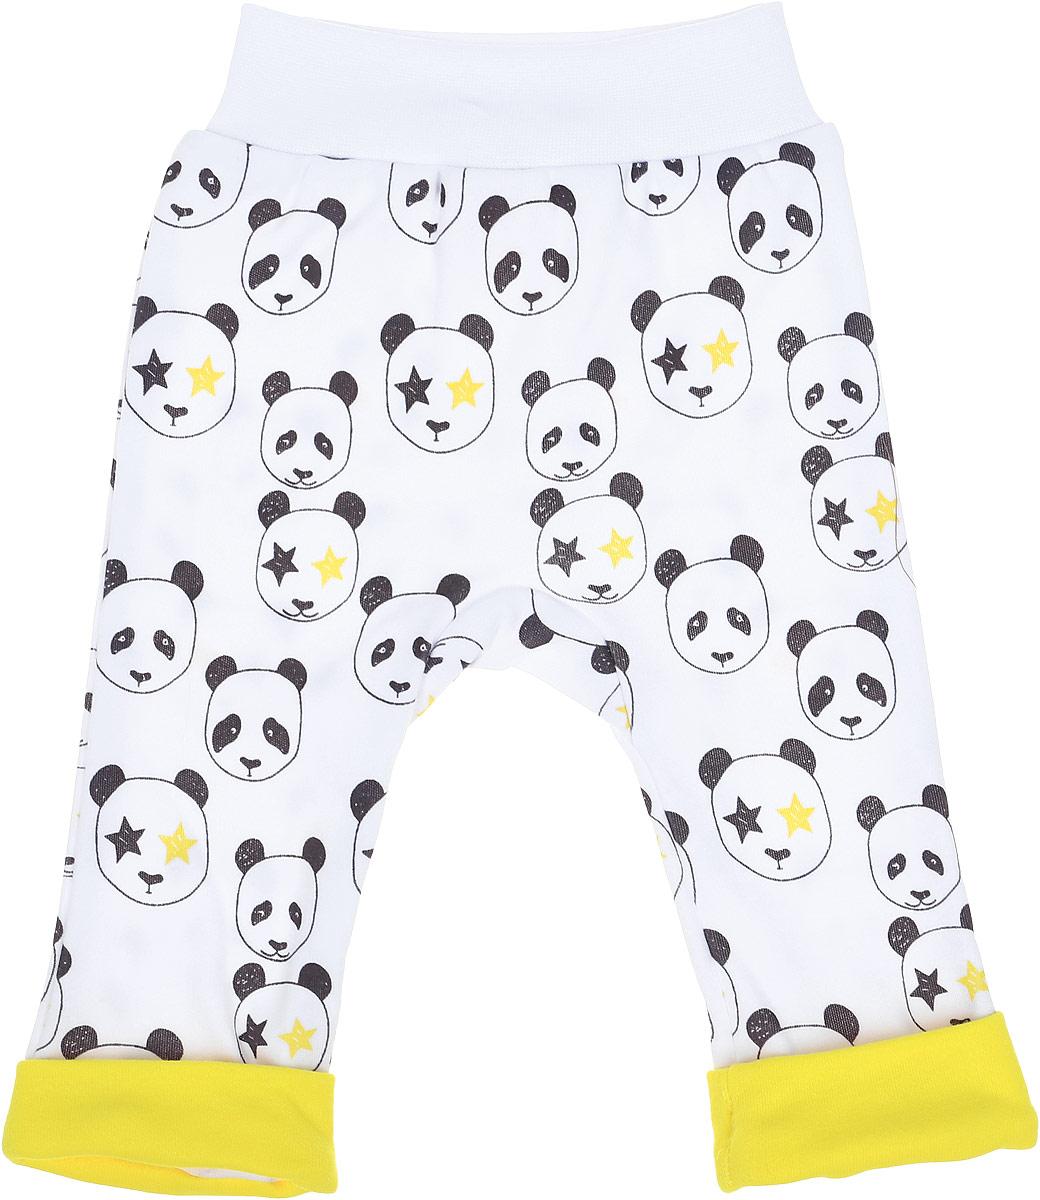 Ползунки КотМарКот Панда Rock, цвет: светло-бежевый, желтый. 5826. Размер 745826Удобные ползунки с открытыми ножками КотМарКот Панда Rock изготовлены из интерлока и оформлены ярким принтом с изображением панд. Модель с декоративными отворотами стандартной посадки на поясе имеет широкую эластичную резинку, которая плотно облегает, но не сдавливает животик ребенка.Материал ползунков мягкий и тактильно приятный, не раздражает нежную кожу ребенка и хорошо пропускает воздух. Изделие полностью соответствует особенностям жизни ребенка в ранний период, не стесняя и не ограничивая его в движениях.